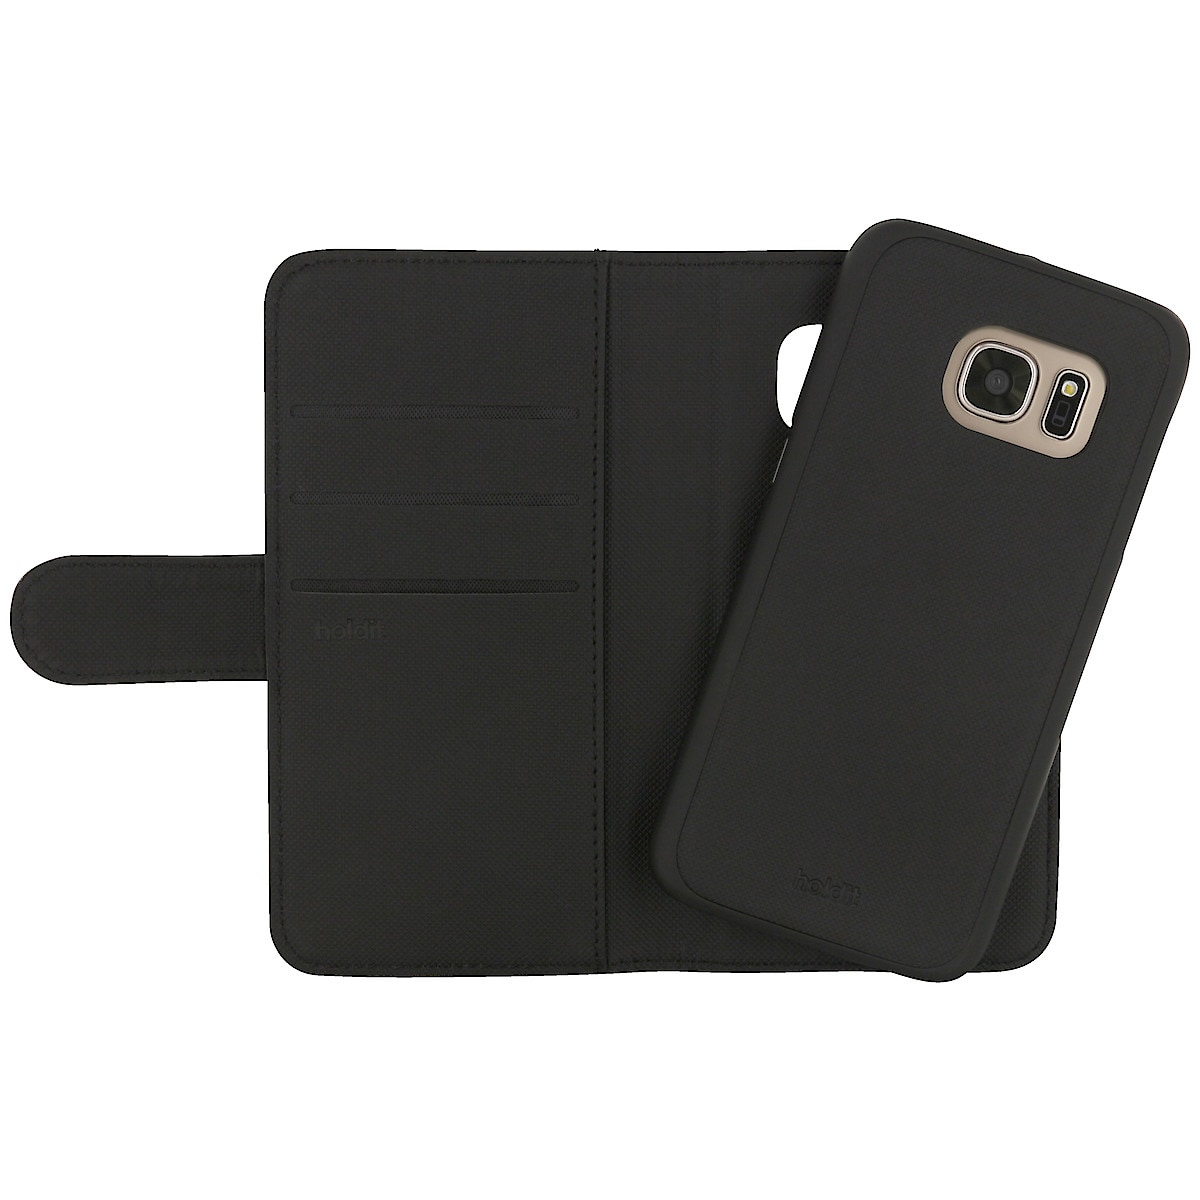 Plånboksfodral för Samsung Galaxy S7, Holdit